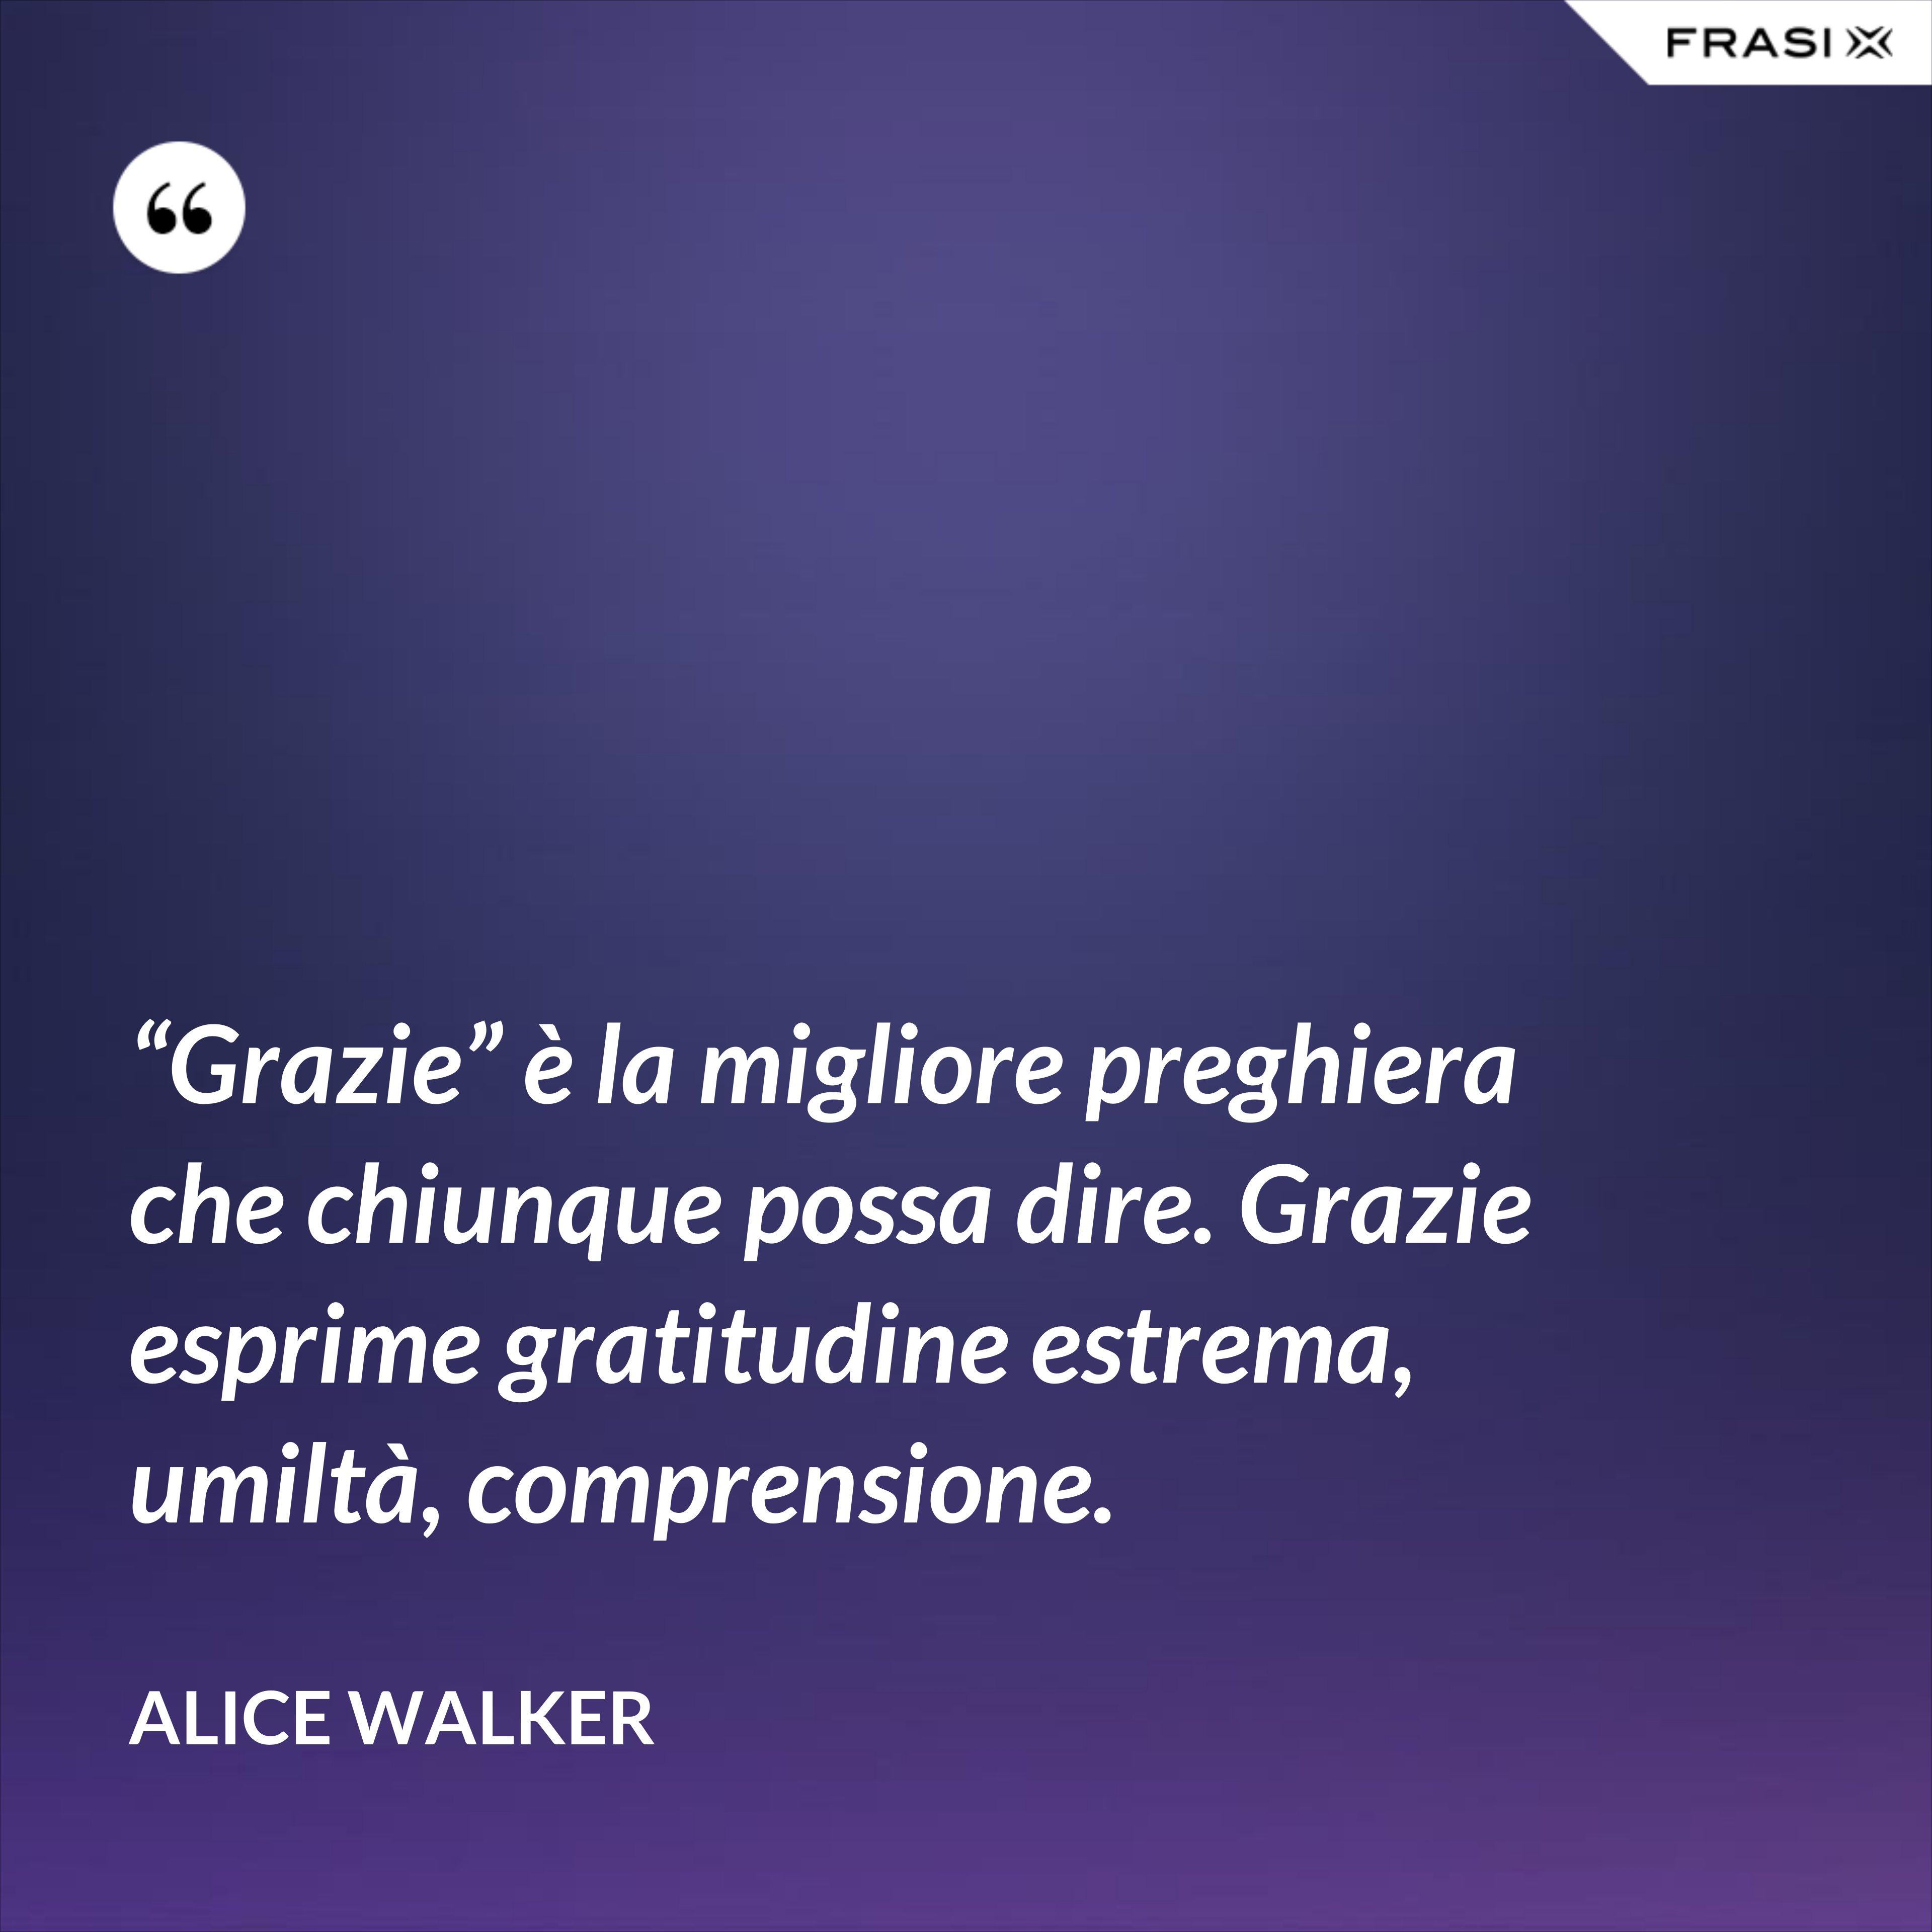 """""""Grazie"""" è la migliore preghiera che chiunque possa dire. Grazie esprime gratitudine estrema, umiltà, comprensione. - Alice Walker"""